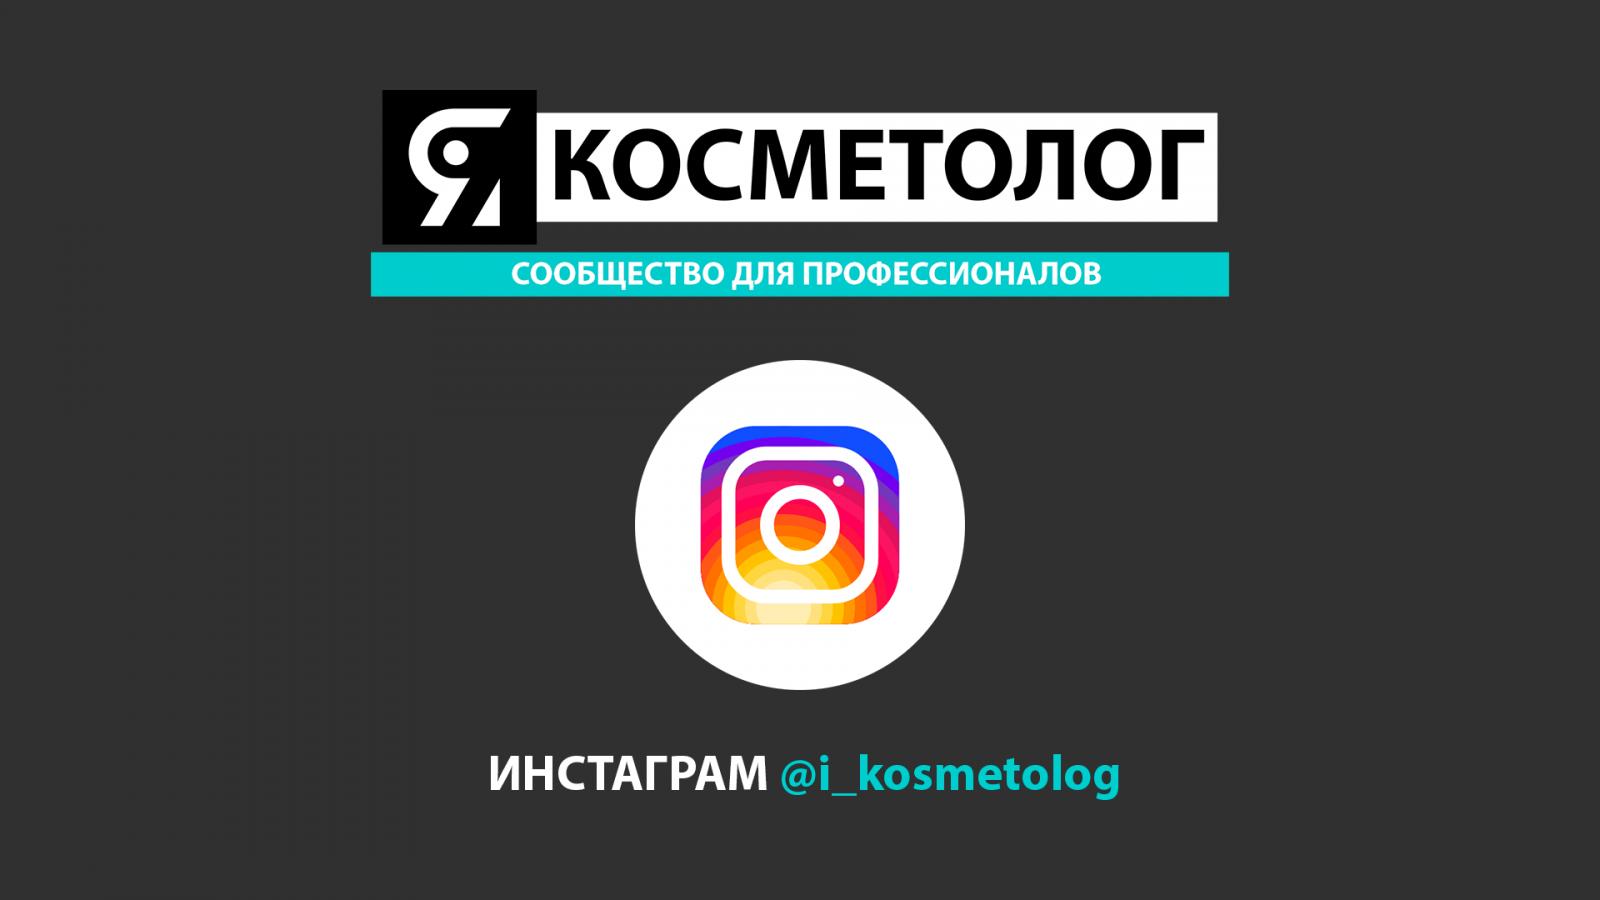 600 Презентация ЯКОСМЕТОЛОГ инстаграм.png